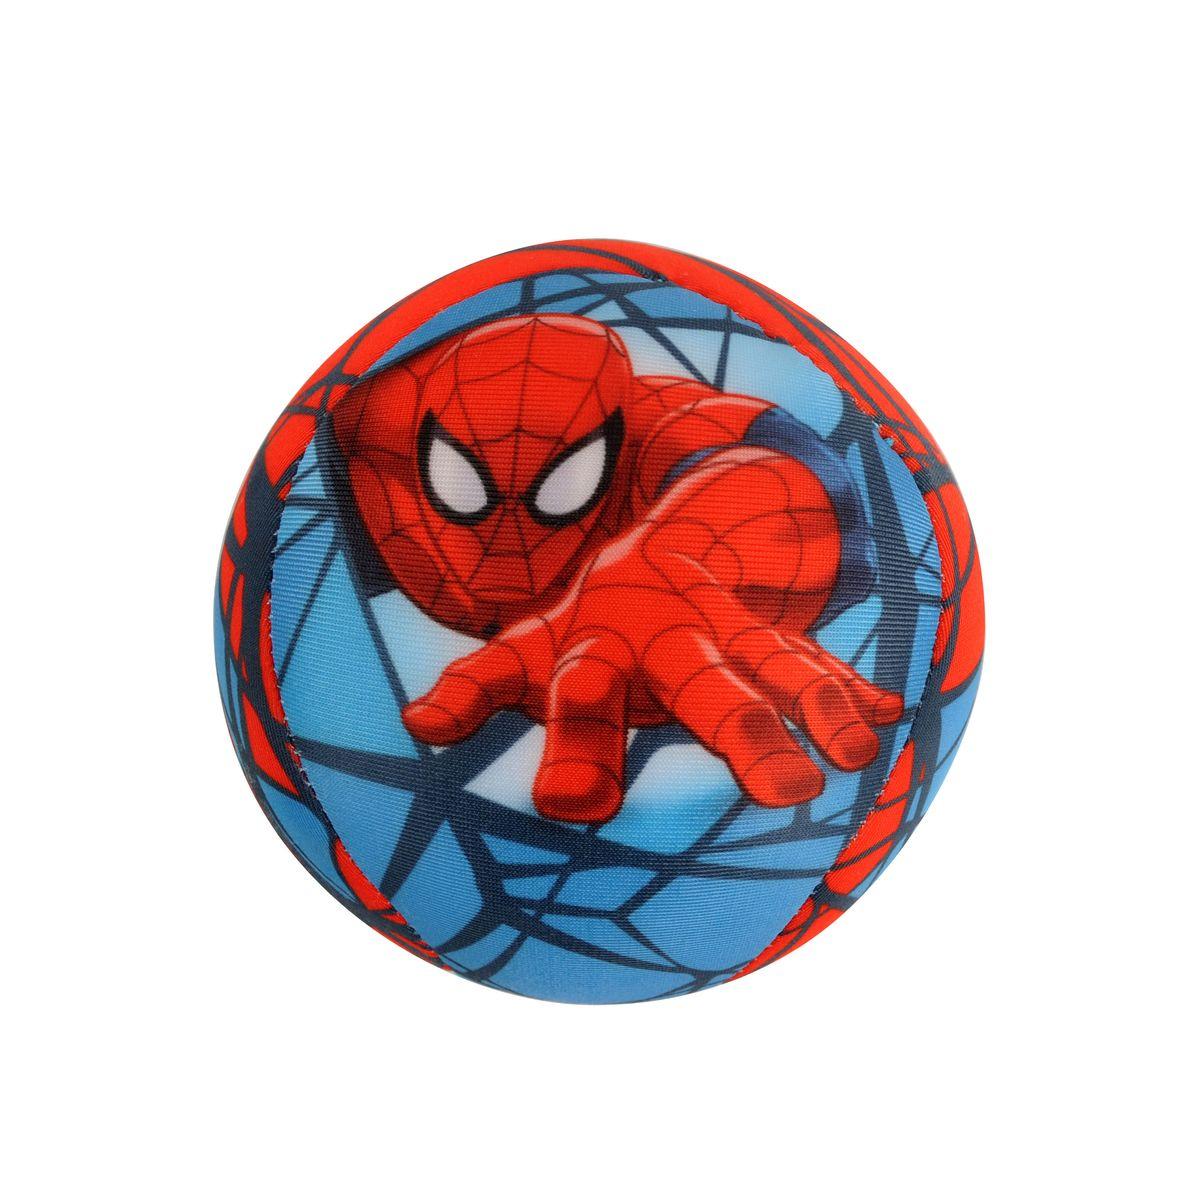 Мини-подушка антистресс круглая 10см Человек-Паук65725Яркая мини-подушка антистресс из эластичного нейлона в виде мячика с изображением героя Человек-Паук - отличный подарок для ребенка. Подупаковка - шоубокс.